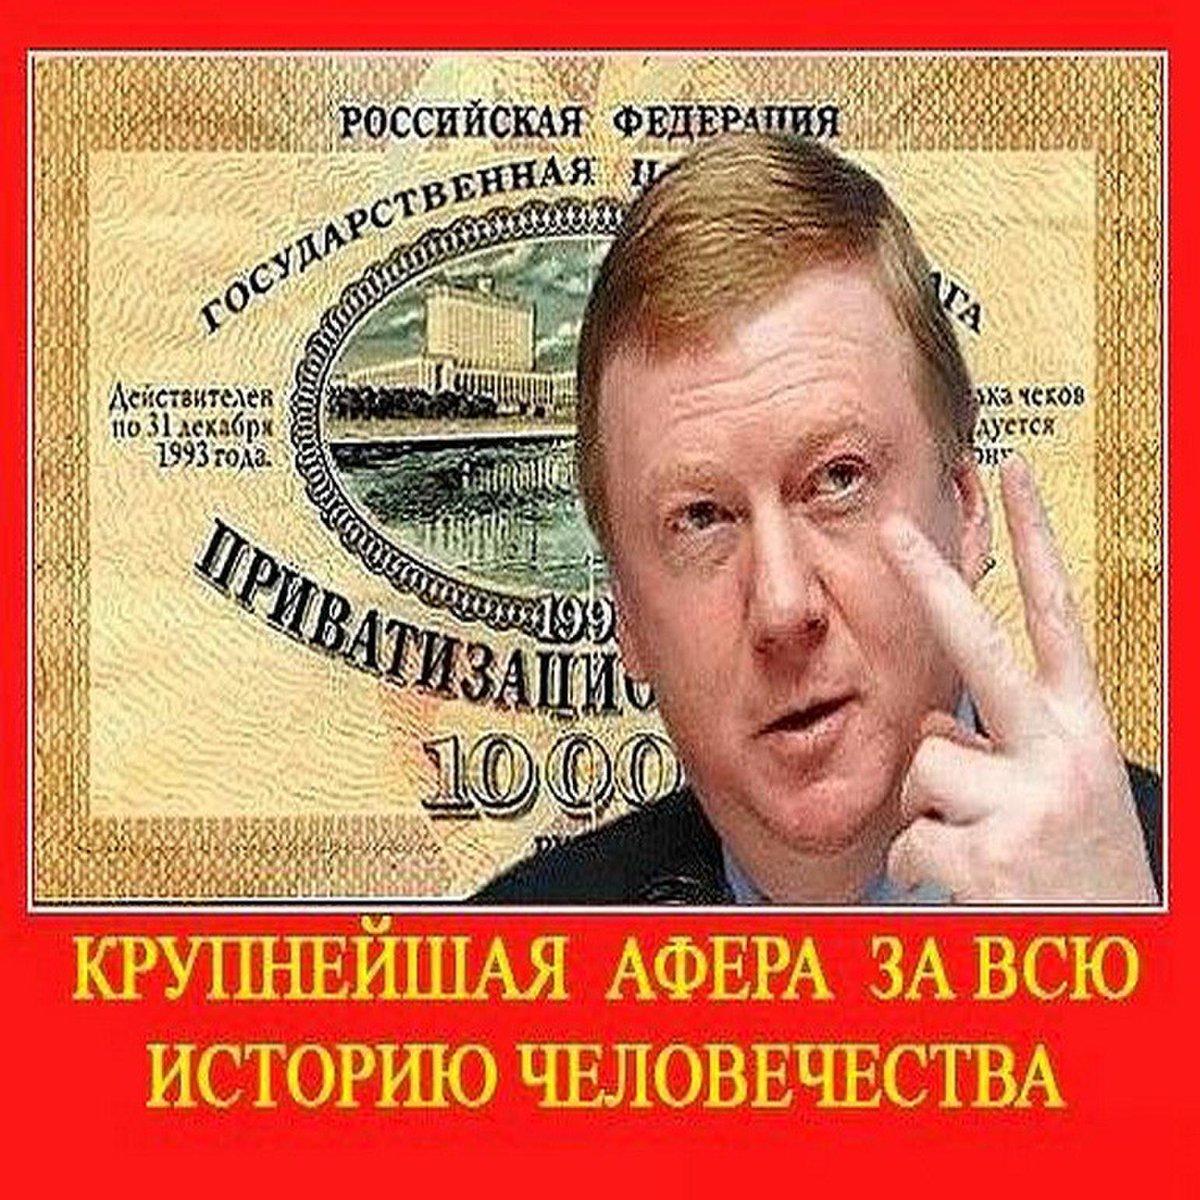 Когда началась приватизация жилья в россии? с какого года?